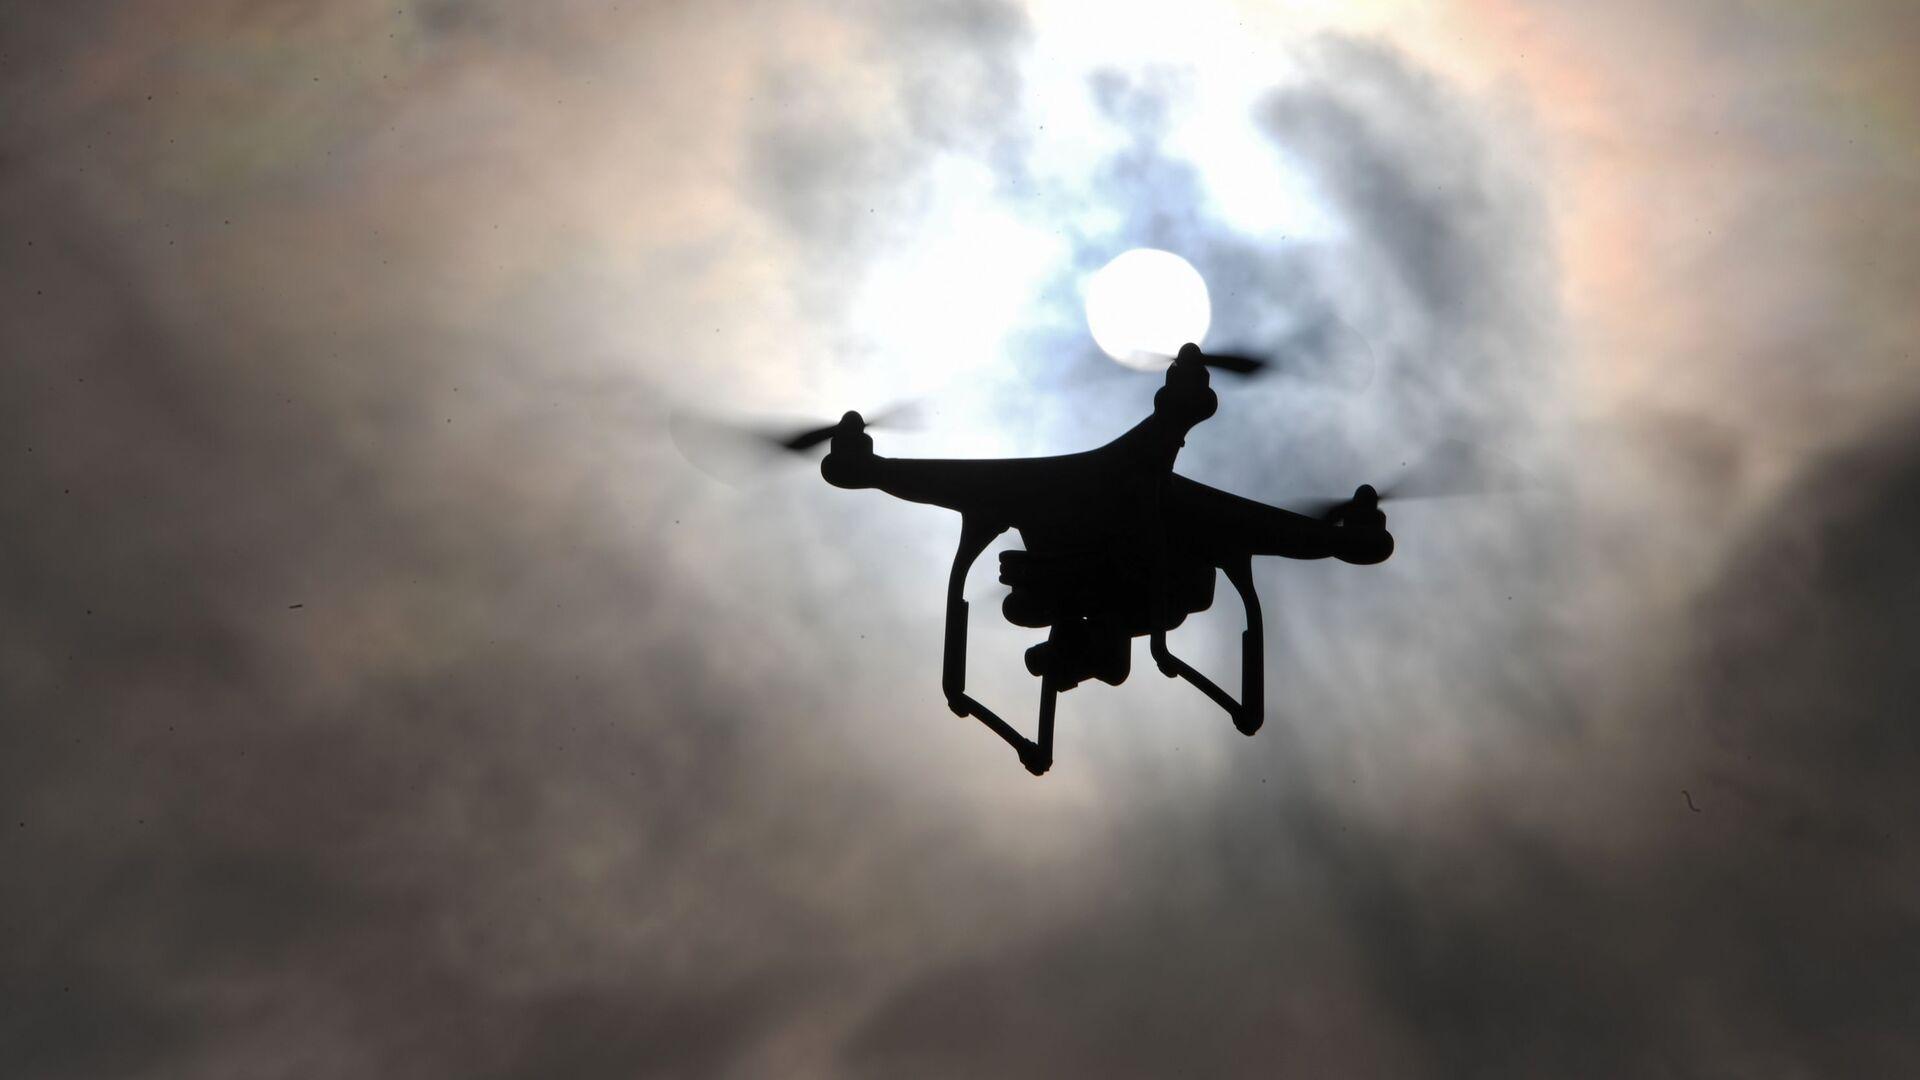 Un dron (imagen referencial) - Sputnik Mundo, 1920, 24.07.2021